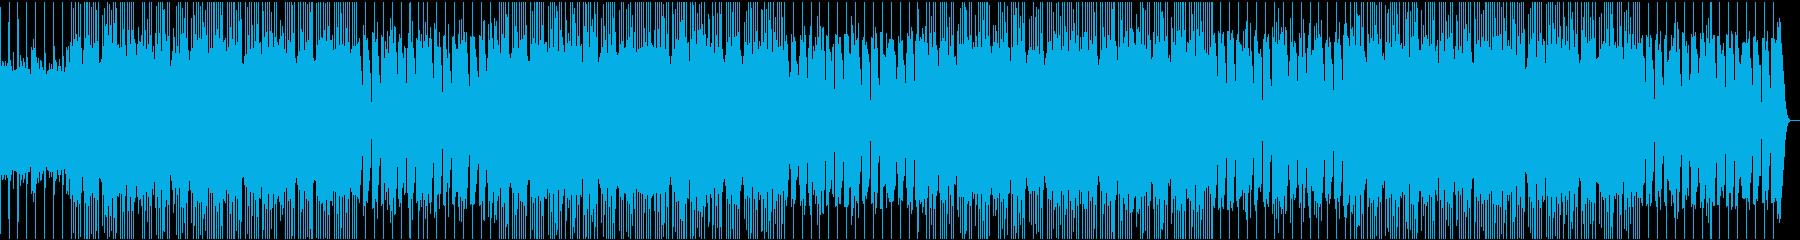 インディーロック ポップロック 積...の再生済みの波形